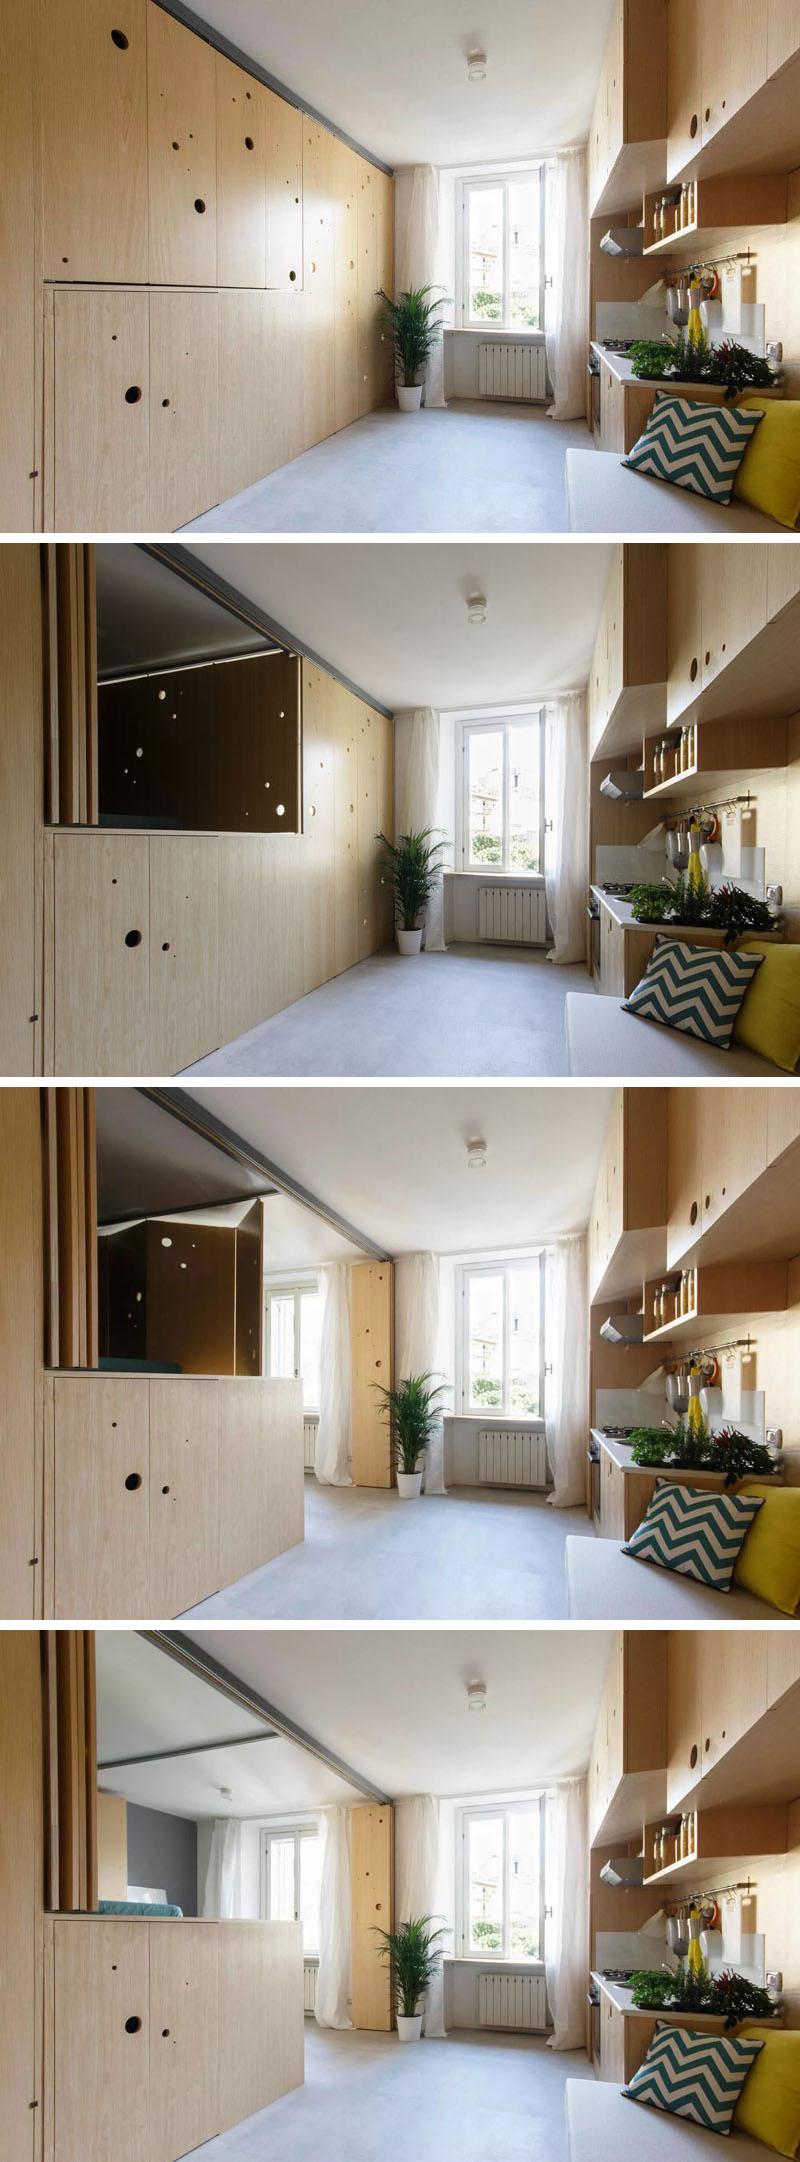 nestandarten-i-mnogo-ideen-interior-na-mini-apartament-30-m-3g